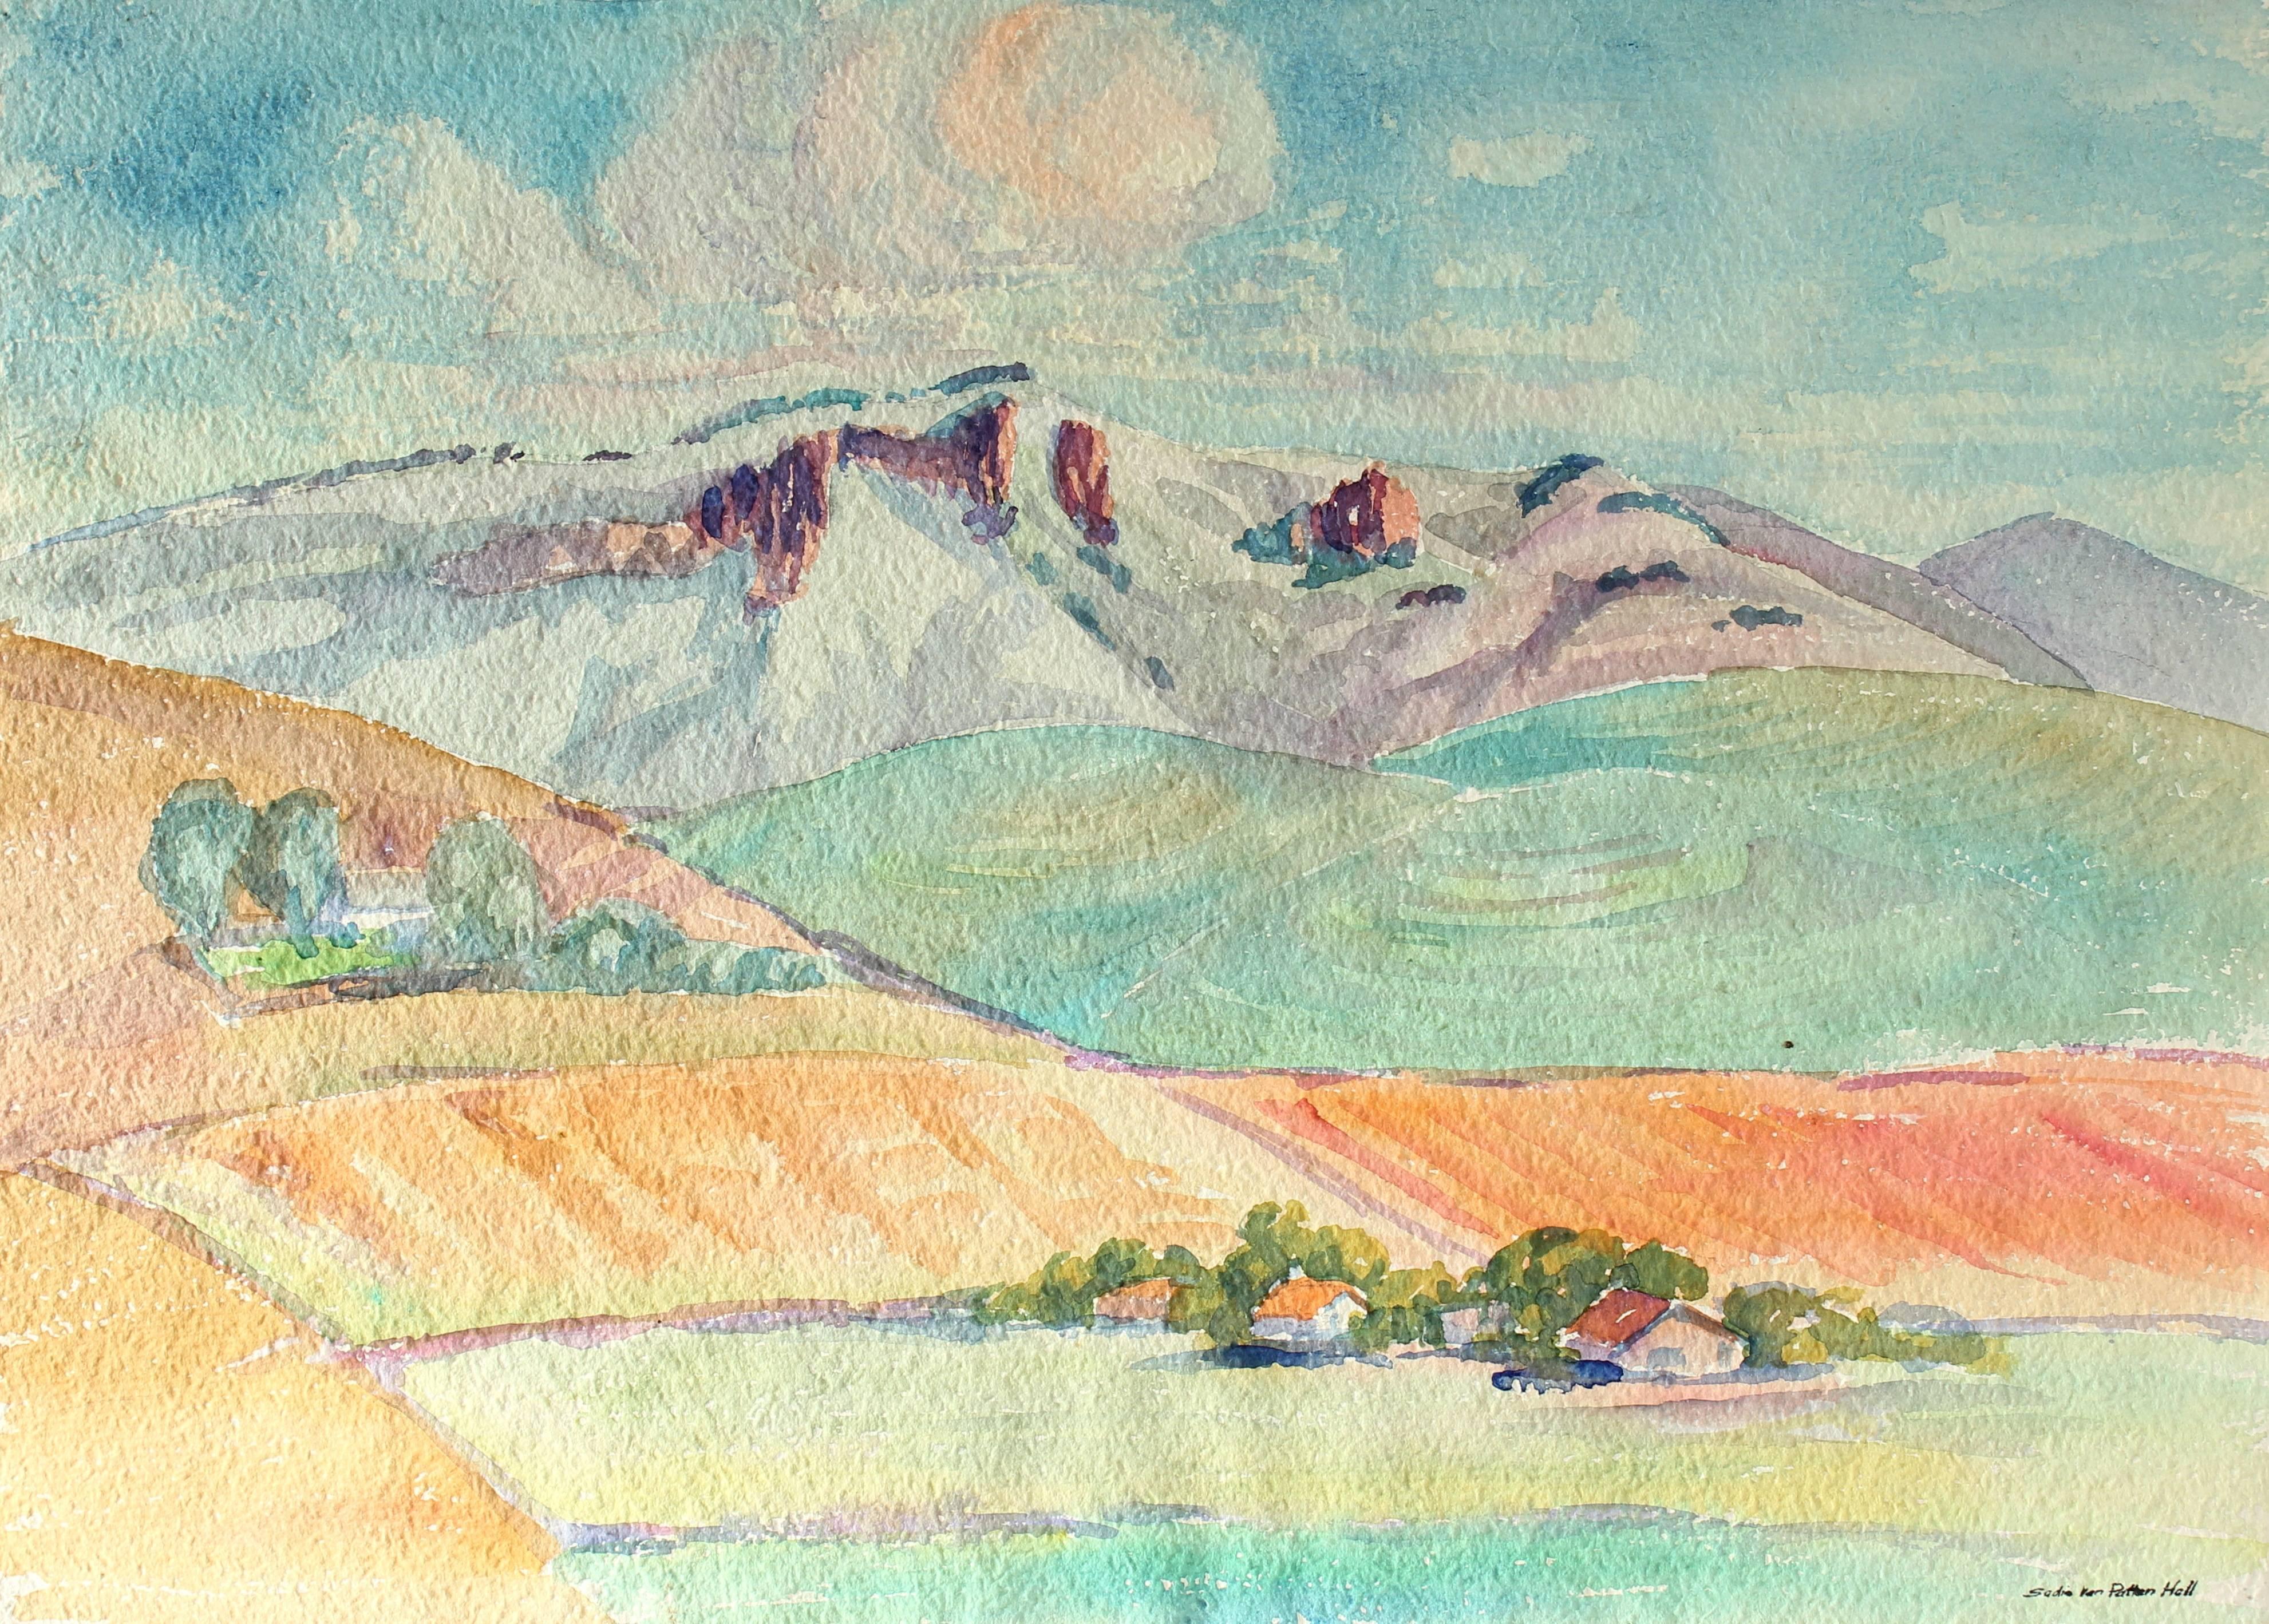 California Landscape in Watercolor, Circa 1950s